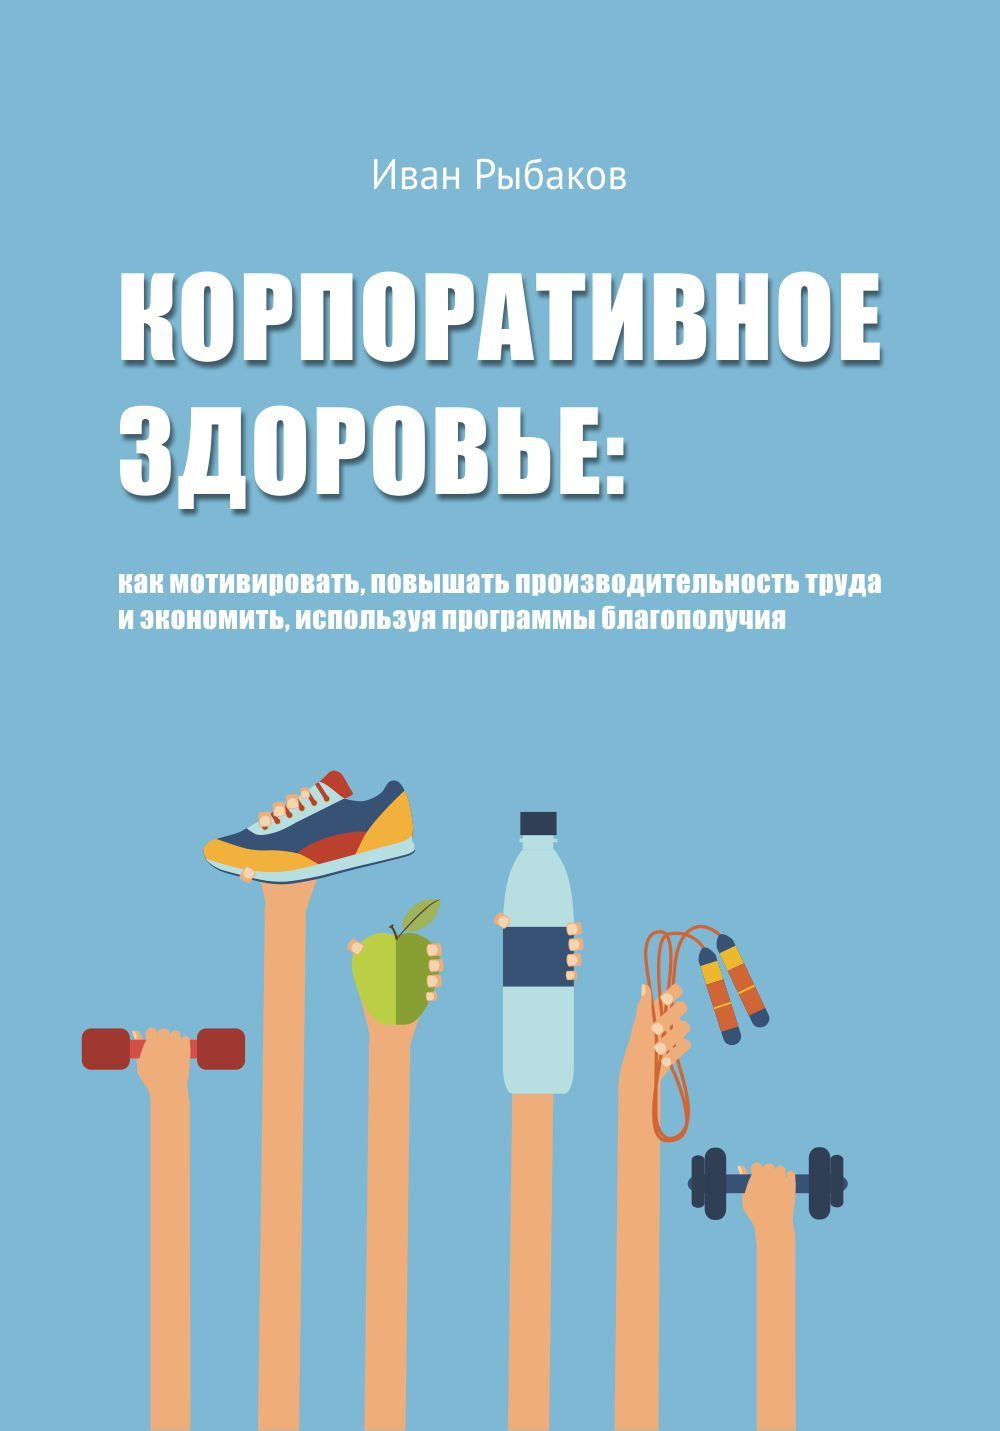 Обложка книги Корпоративное здоровье: как мотивировать, повышать производительность труда и экономить, используя программы благополучия